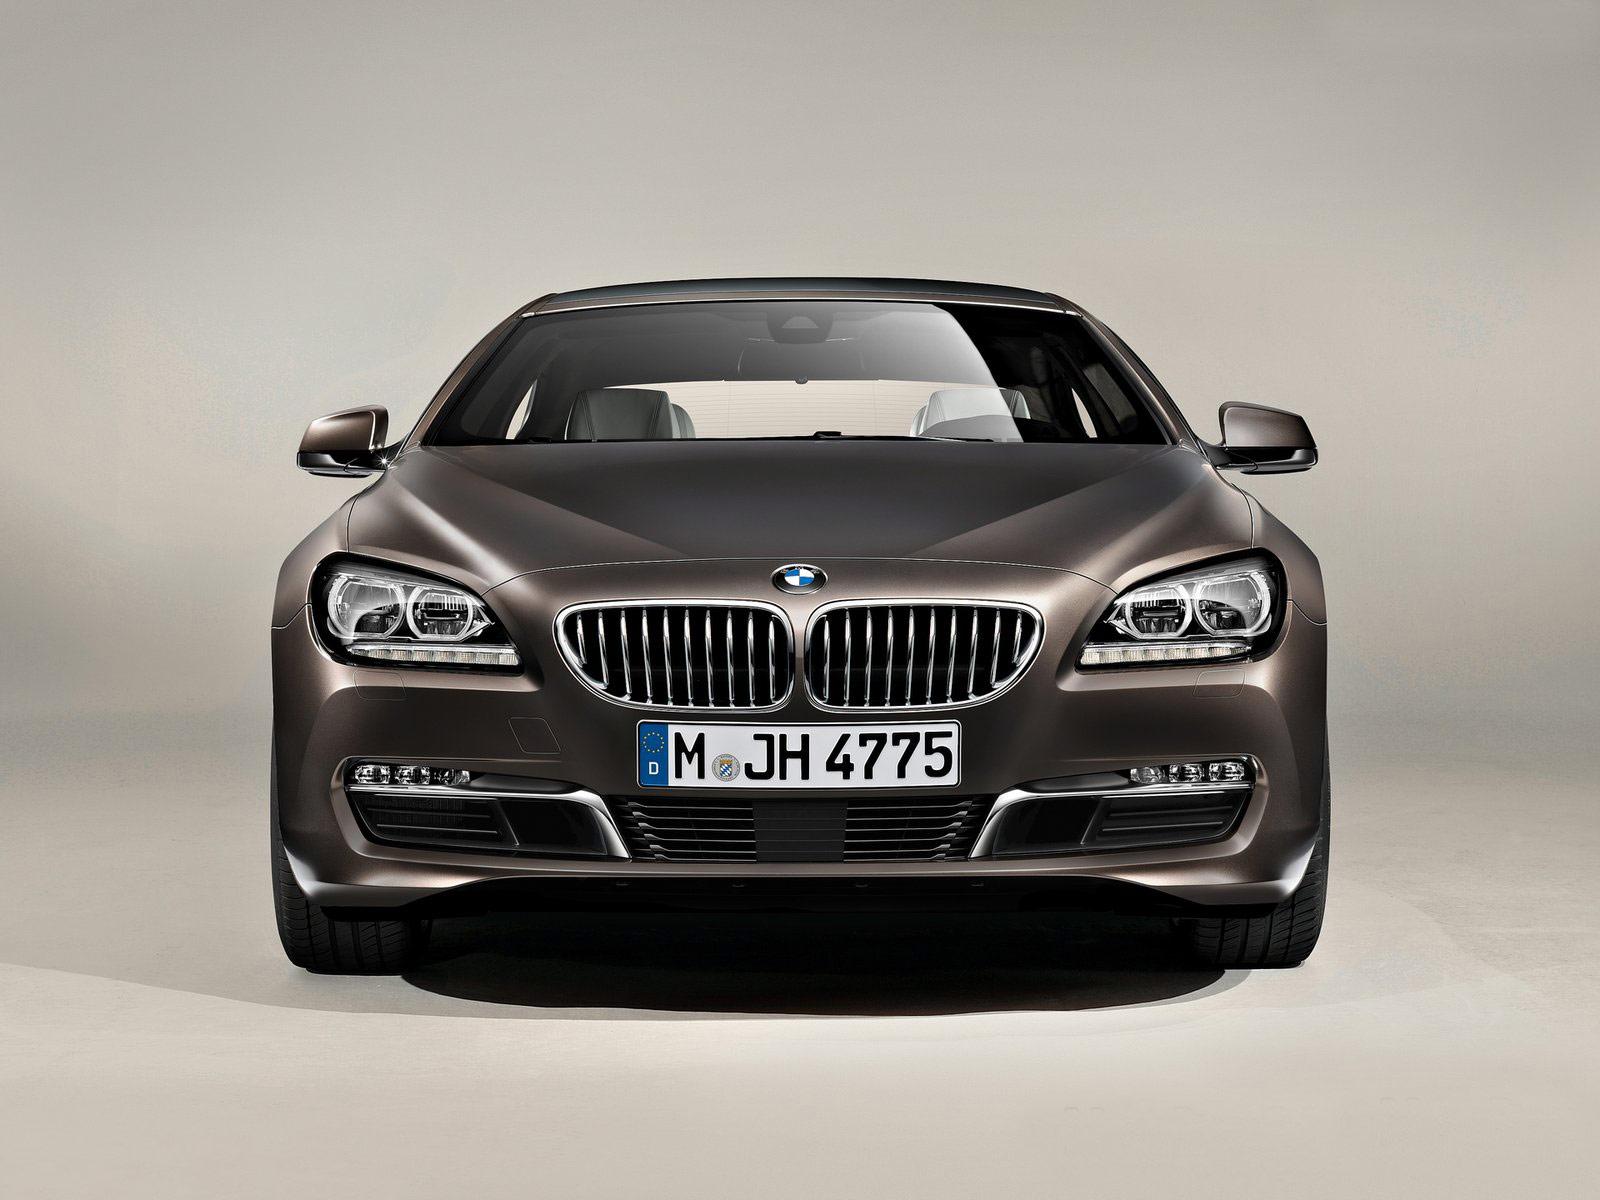 http://4.bp.blogspot.com/-0twGmJqULTc/Tw02yOhSOrI/AAAAAAAAMEc/wc3pxRbYEhc/s1600/2013-BMW-6-Series_Gran_Coupe_desktop-wallpapers_10.jpg